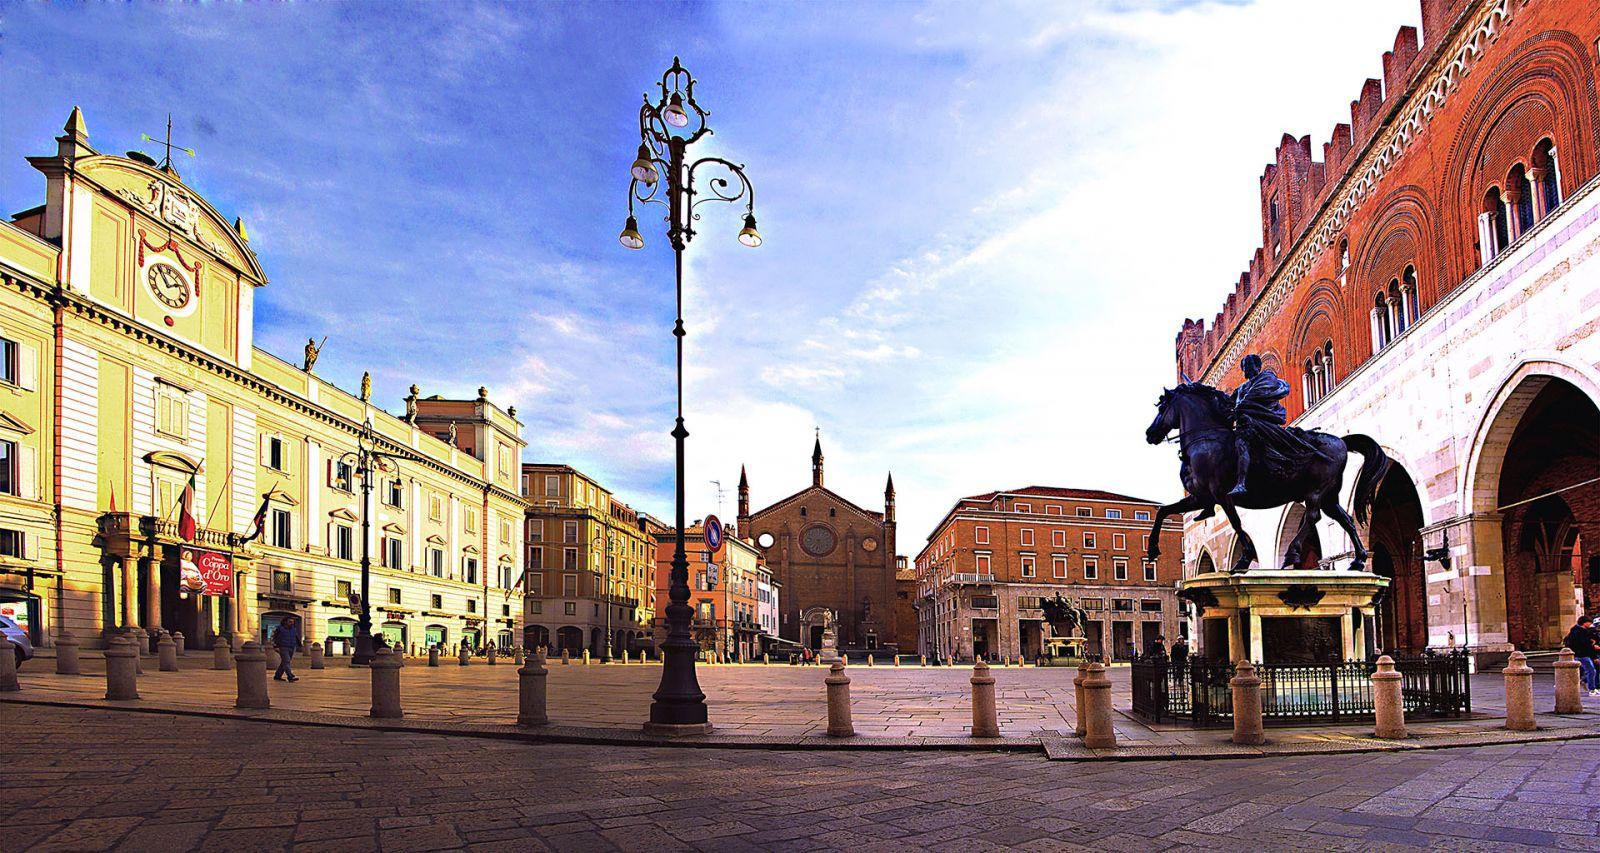 Piacenza - Piazza Cavalli